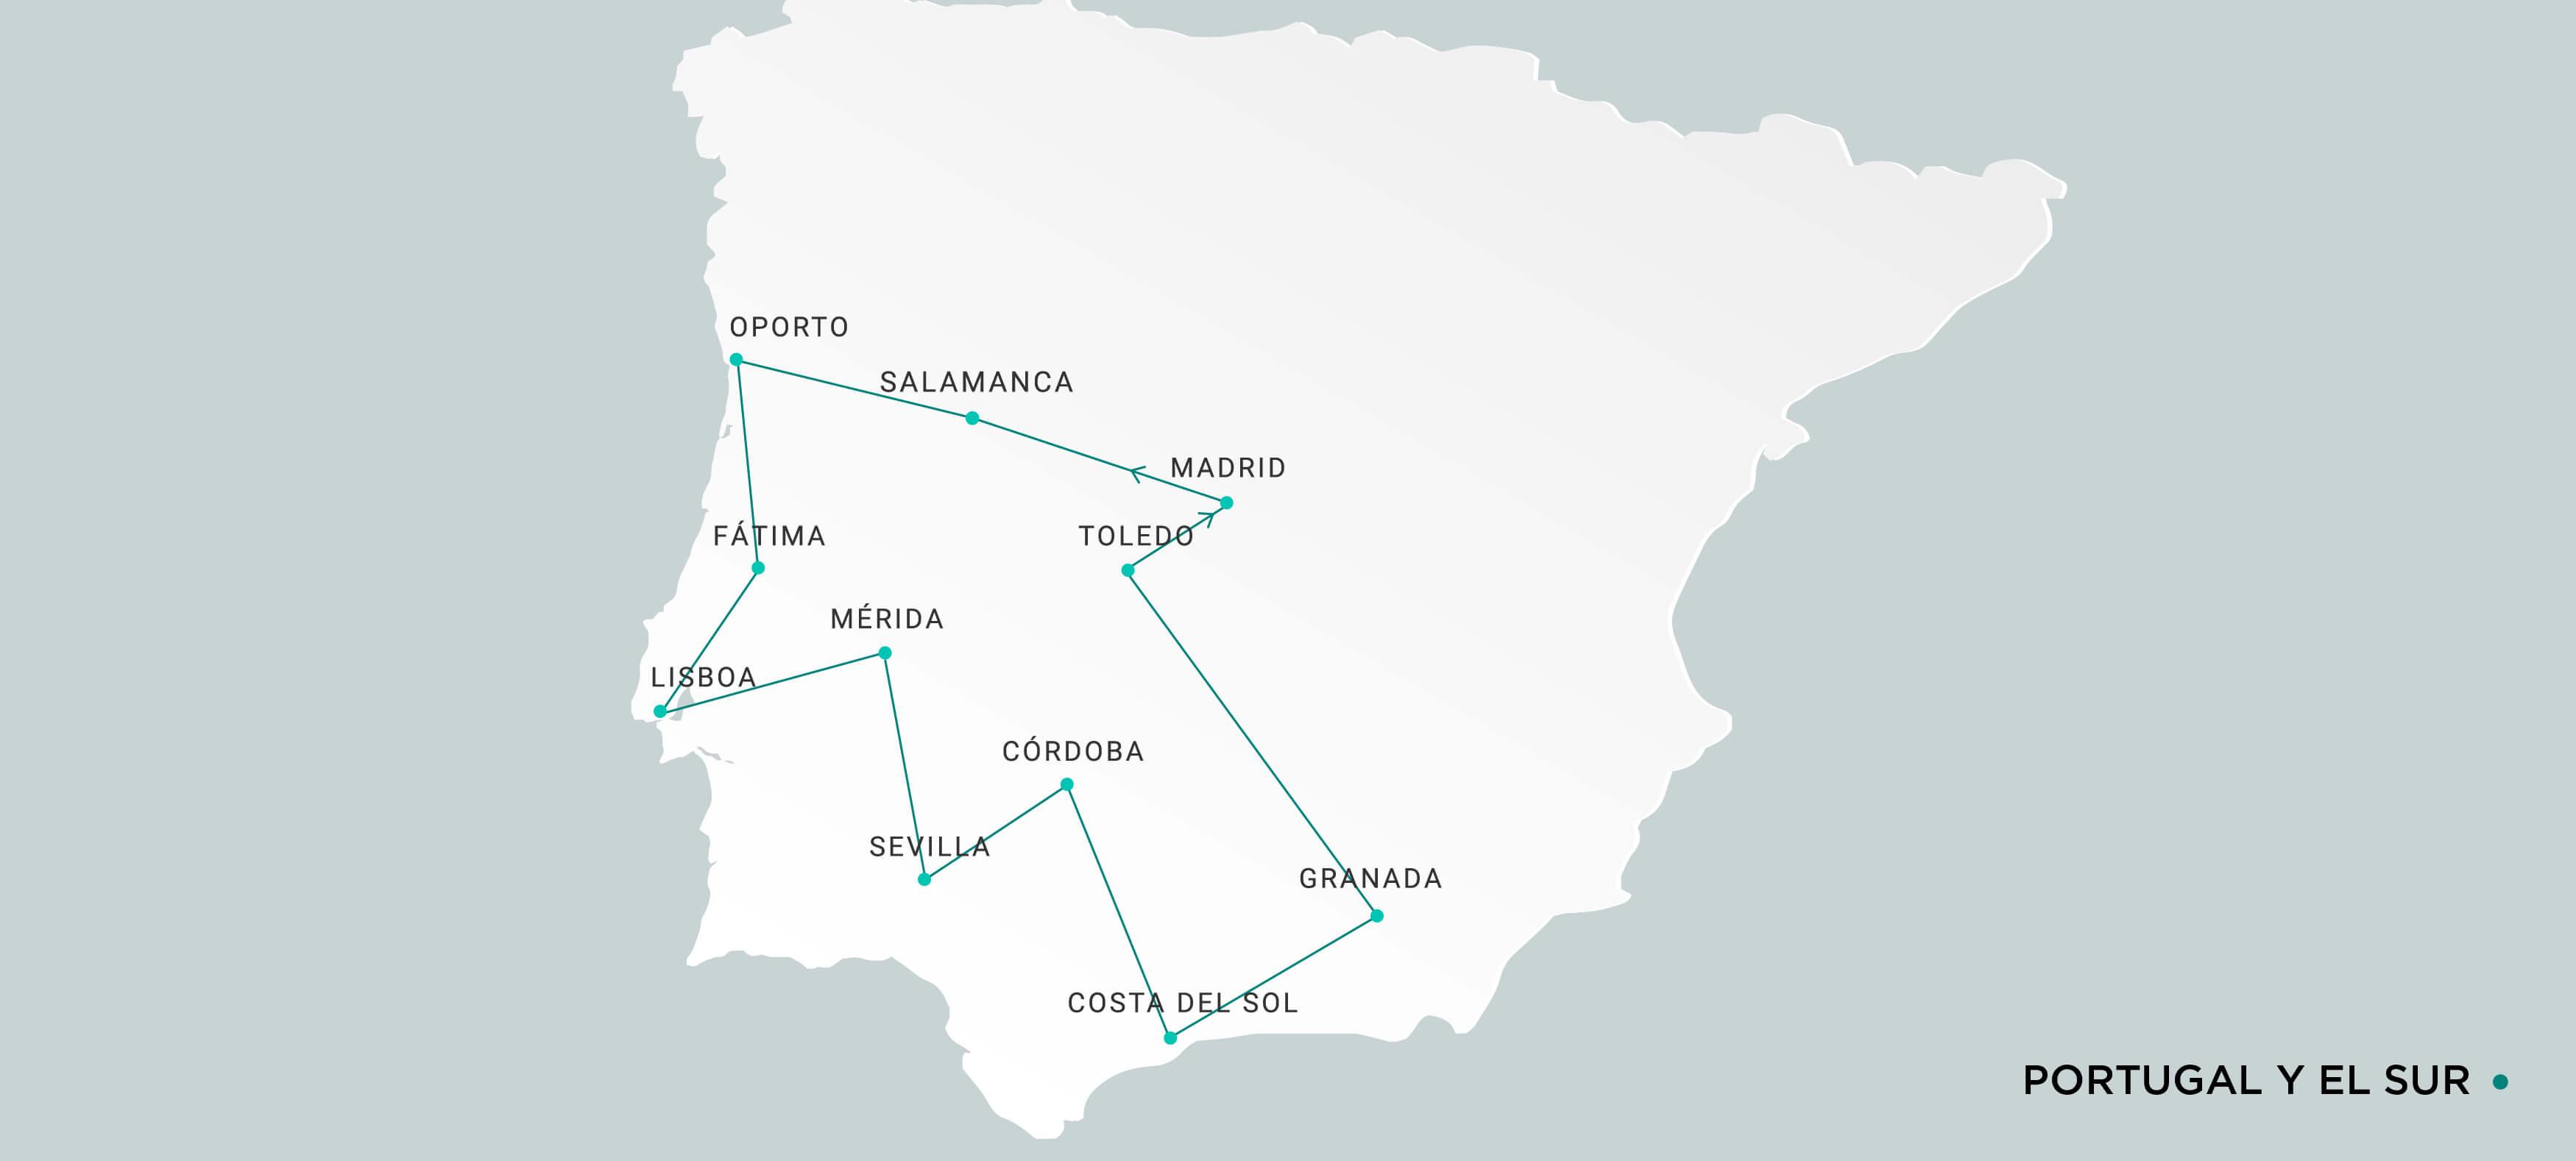 Mapa Portugal y el Sur